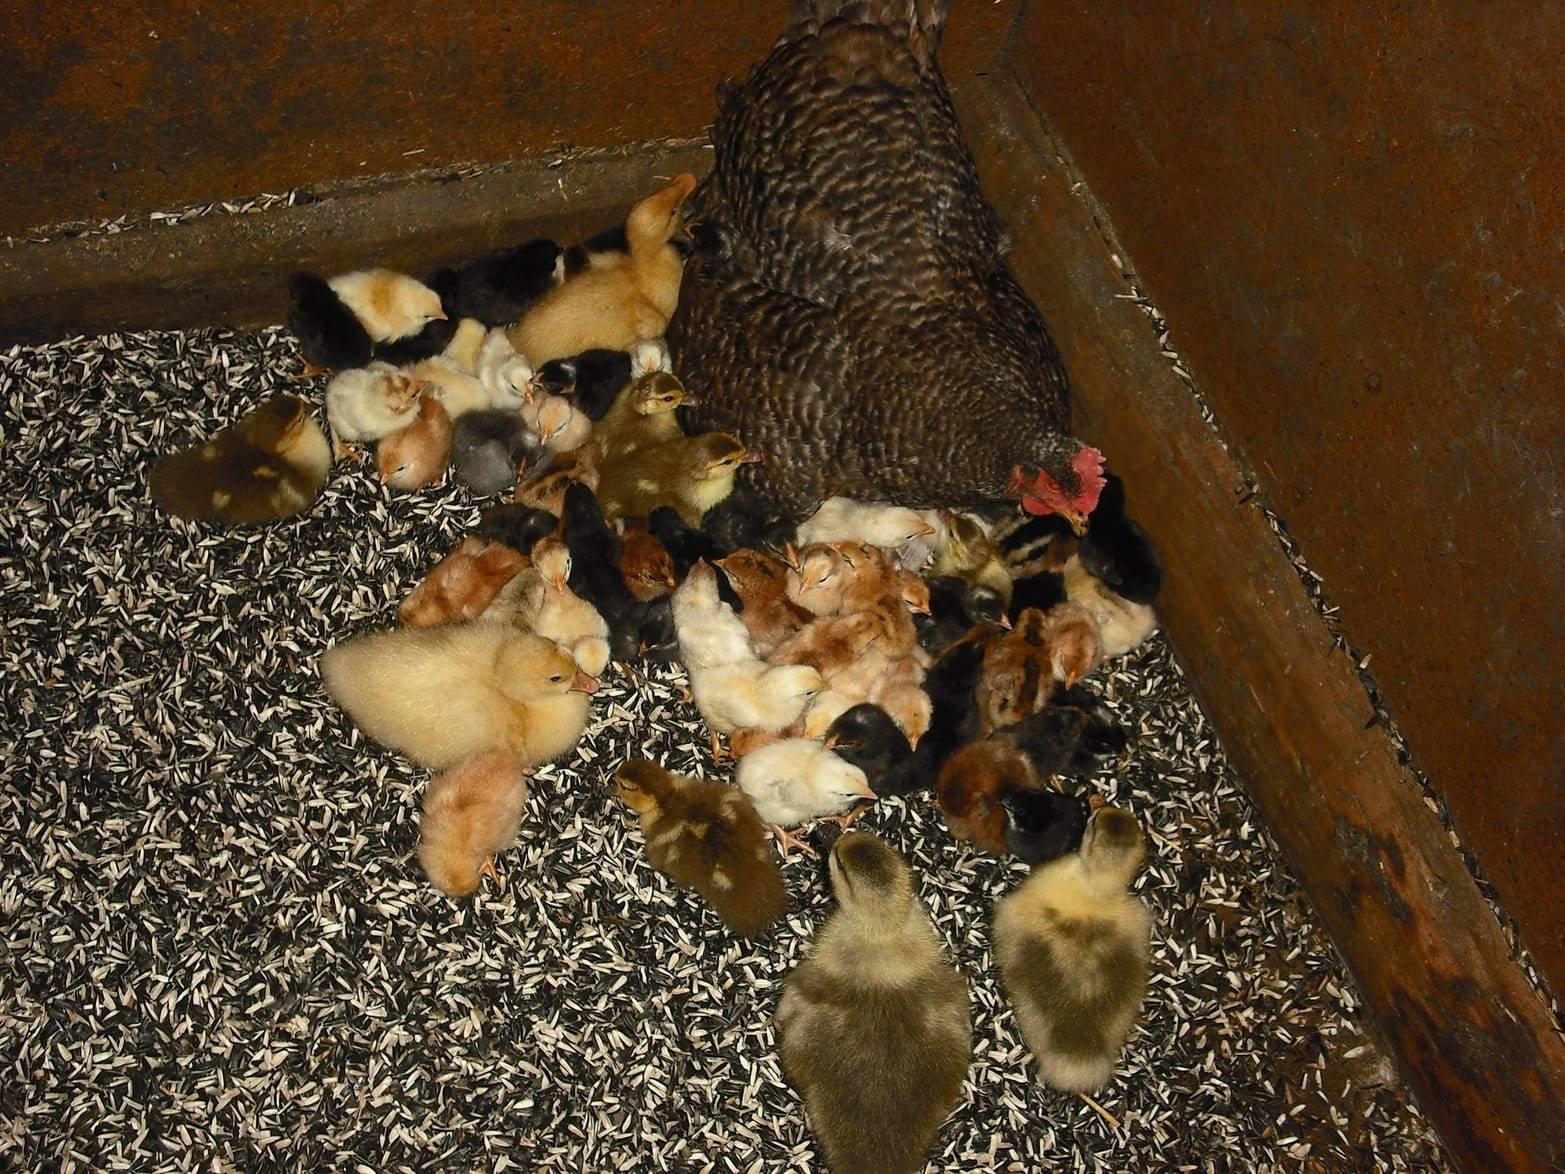 Выращивание цыплят с наседкой в домашних условиях, как все организовать и можно ли это сделать без нее?